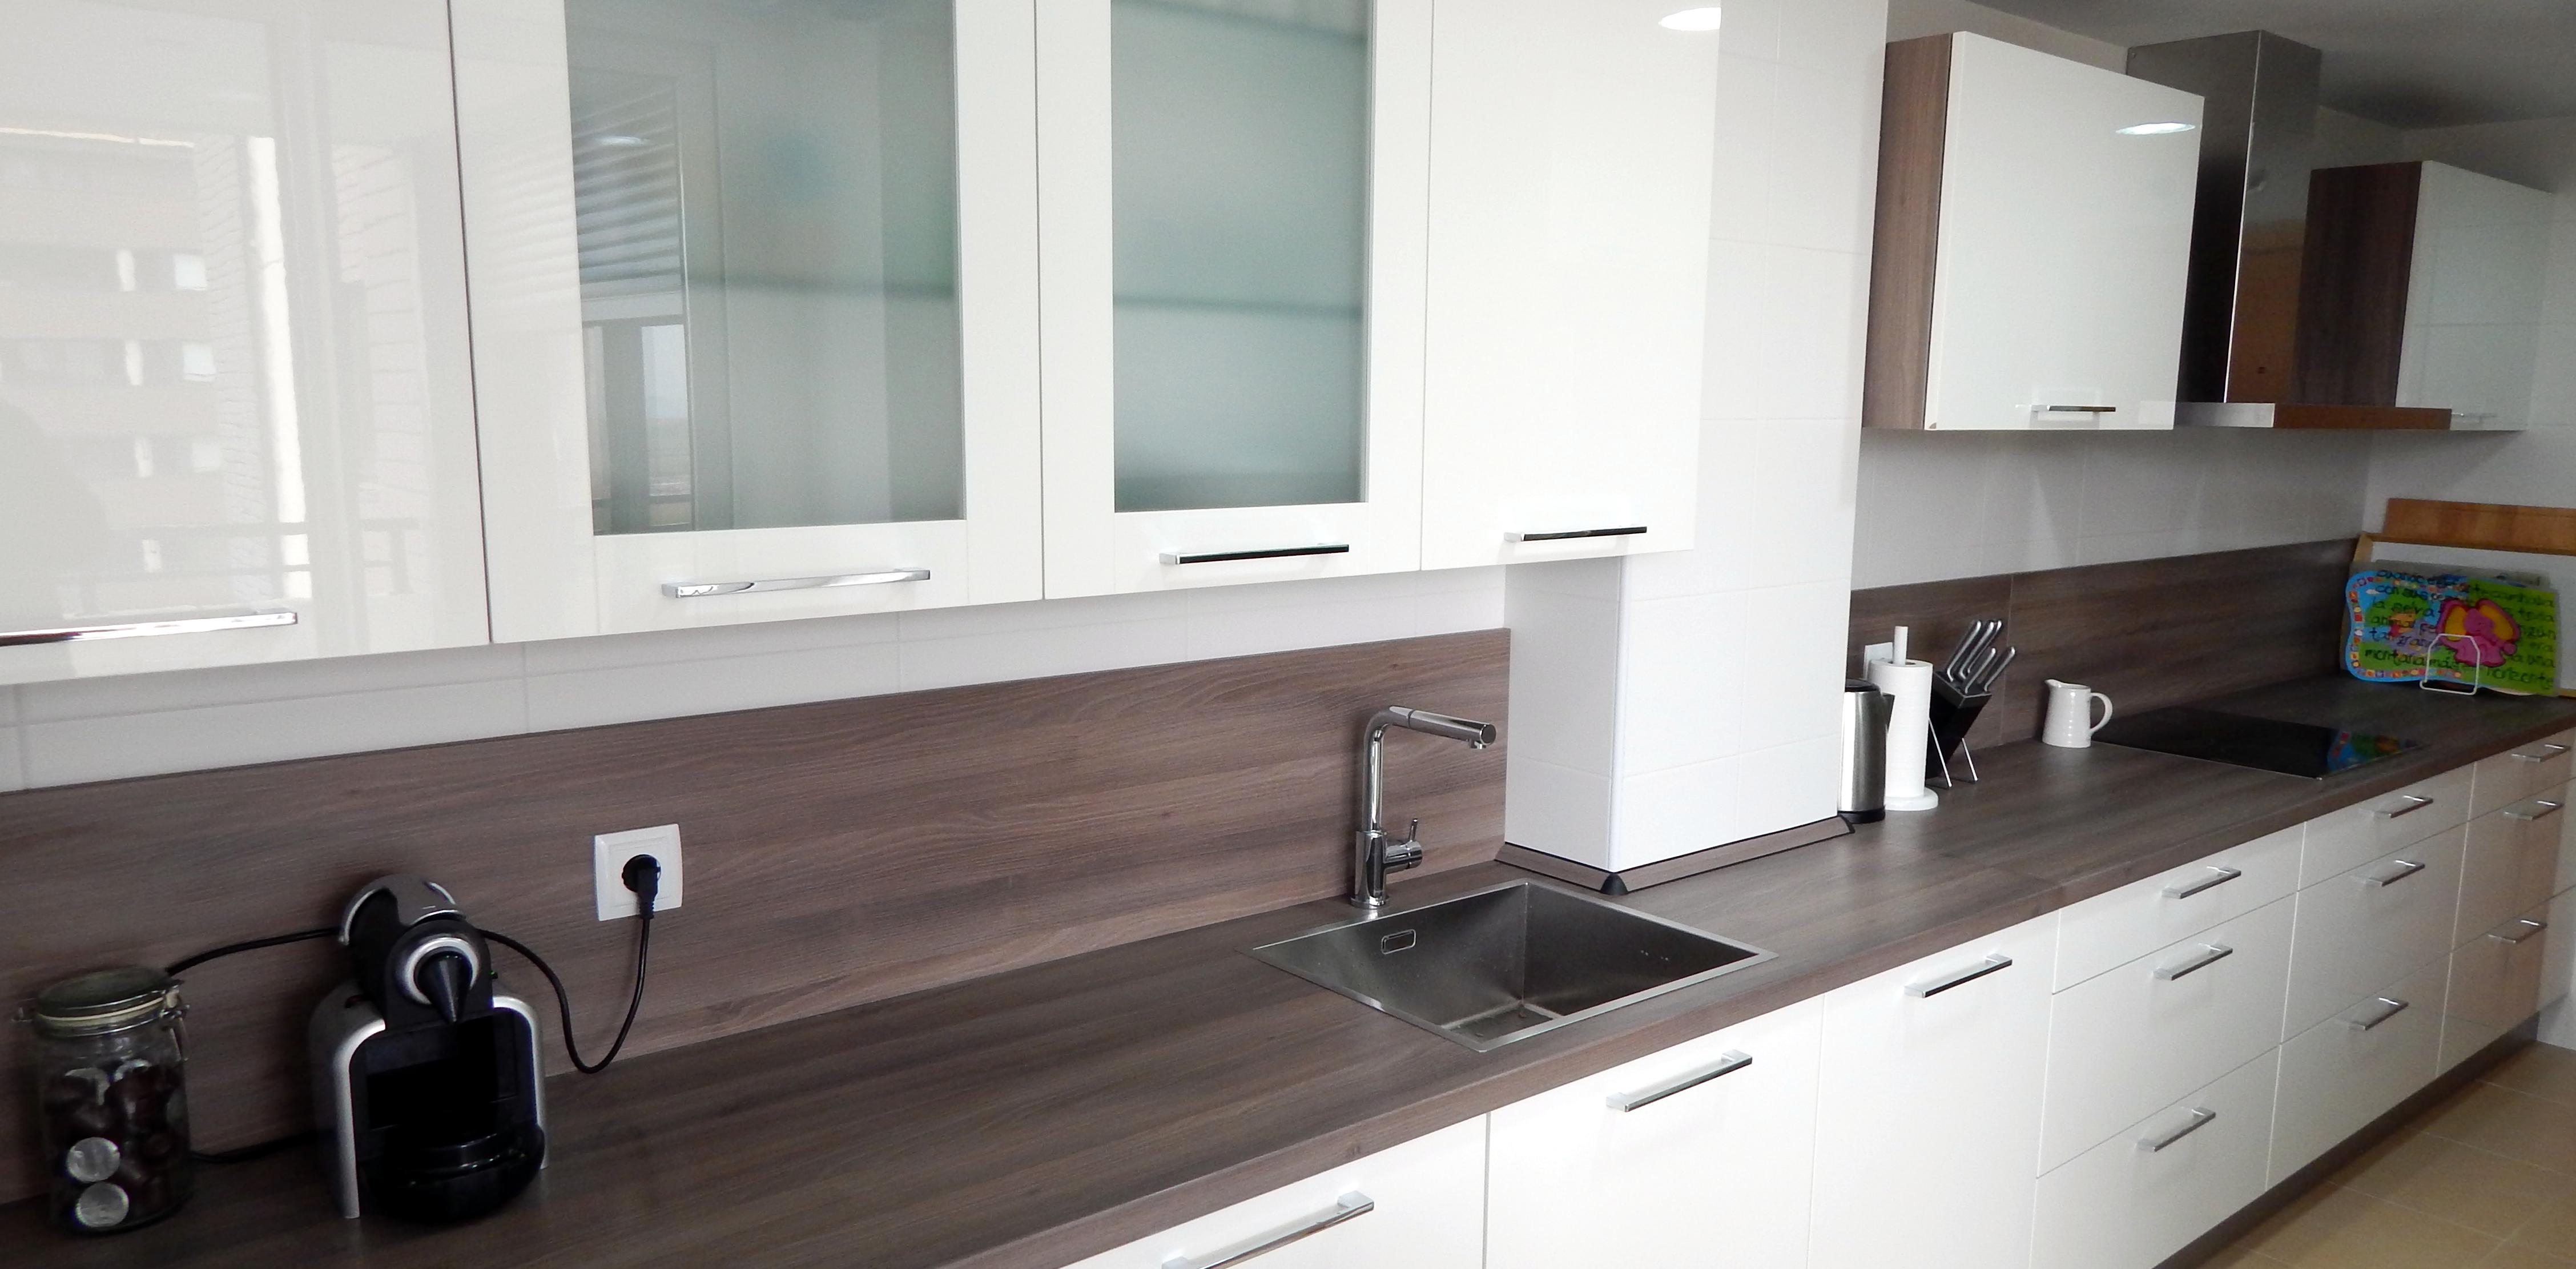 muebles de cocina modelo lasser en blanco